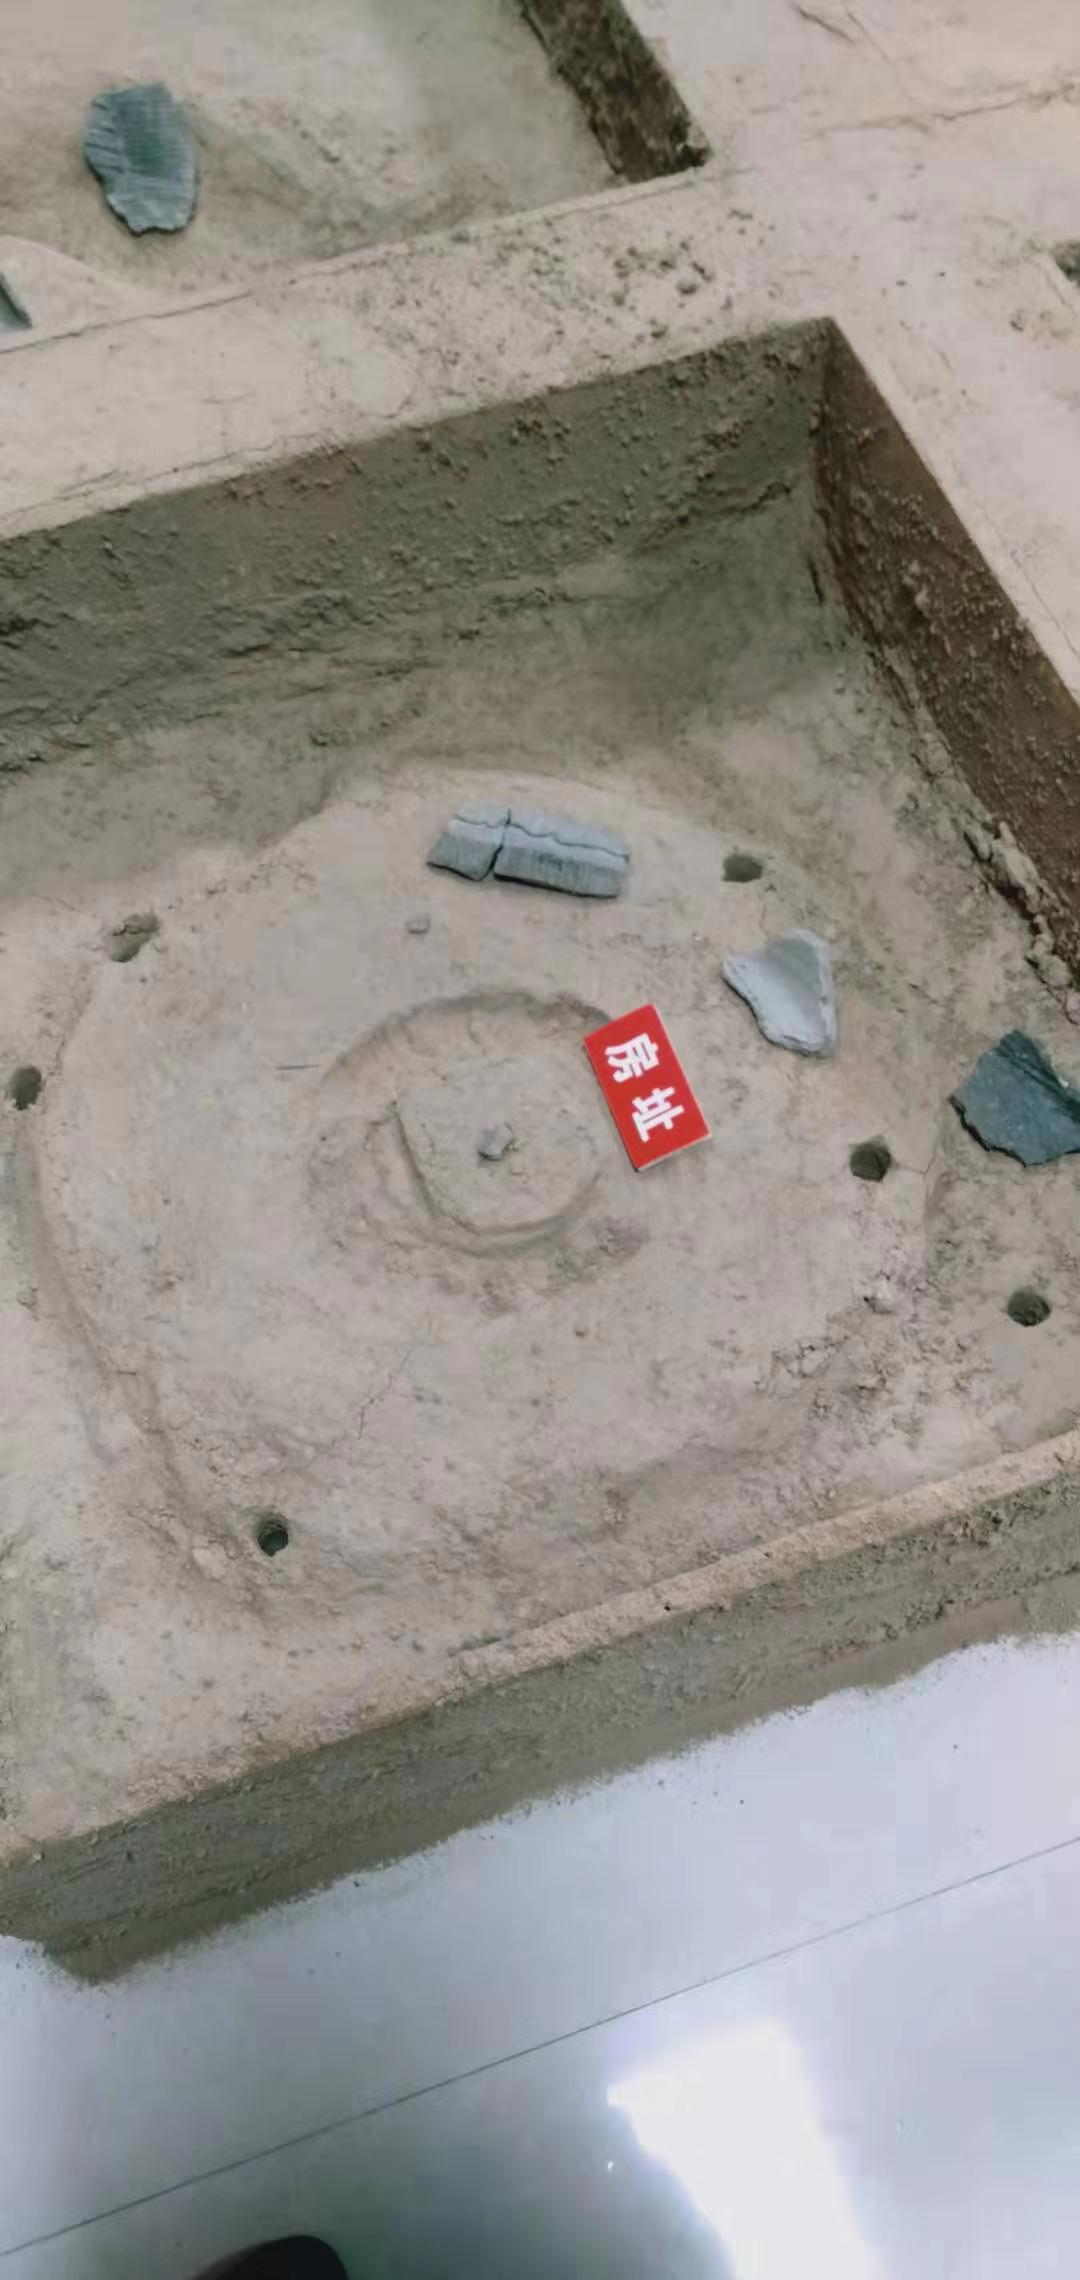 来自新石器时代龙山时期!大同吉家庄遗址发掘成果震撼考古界